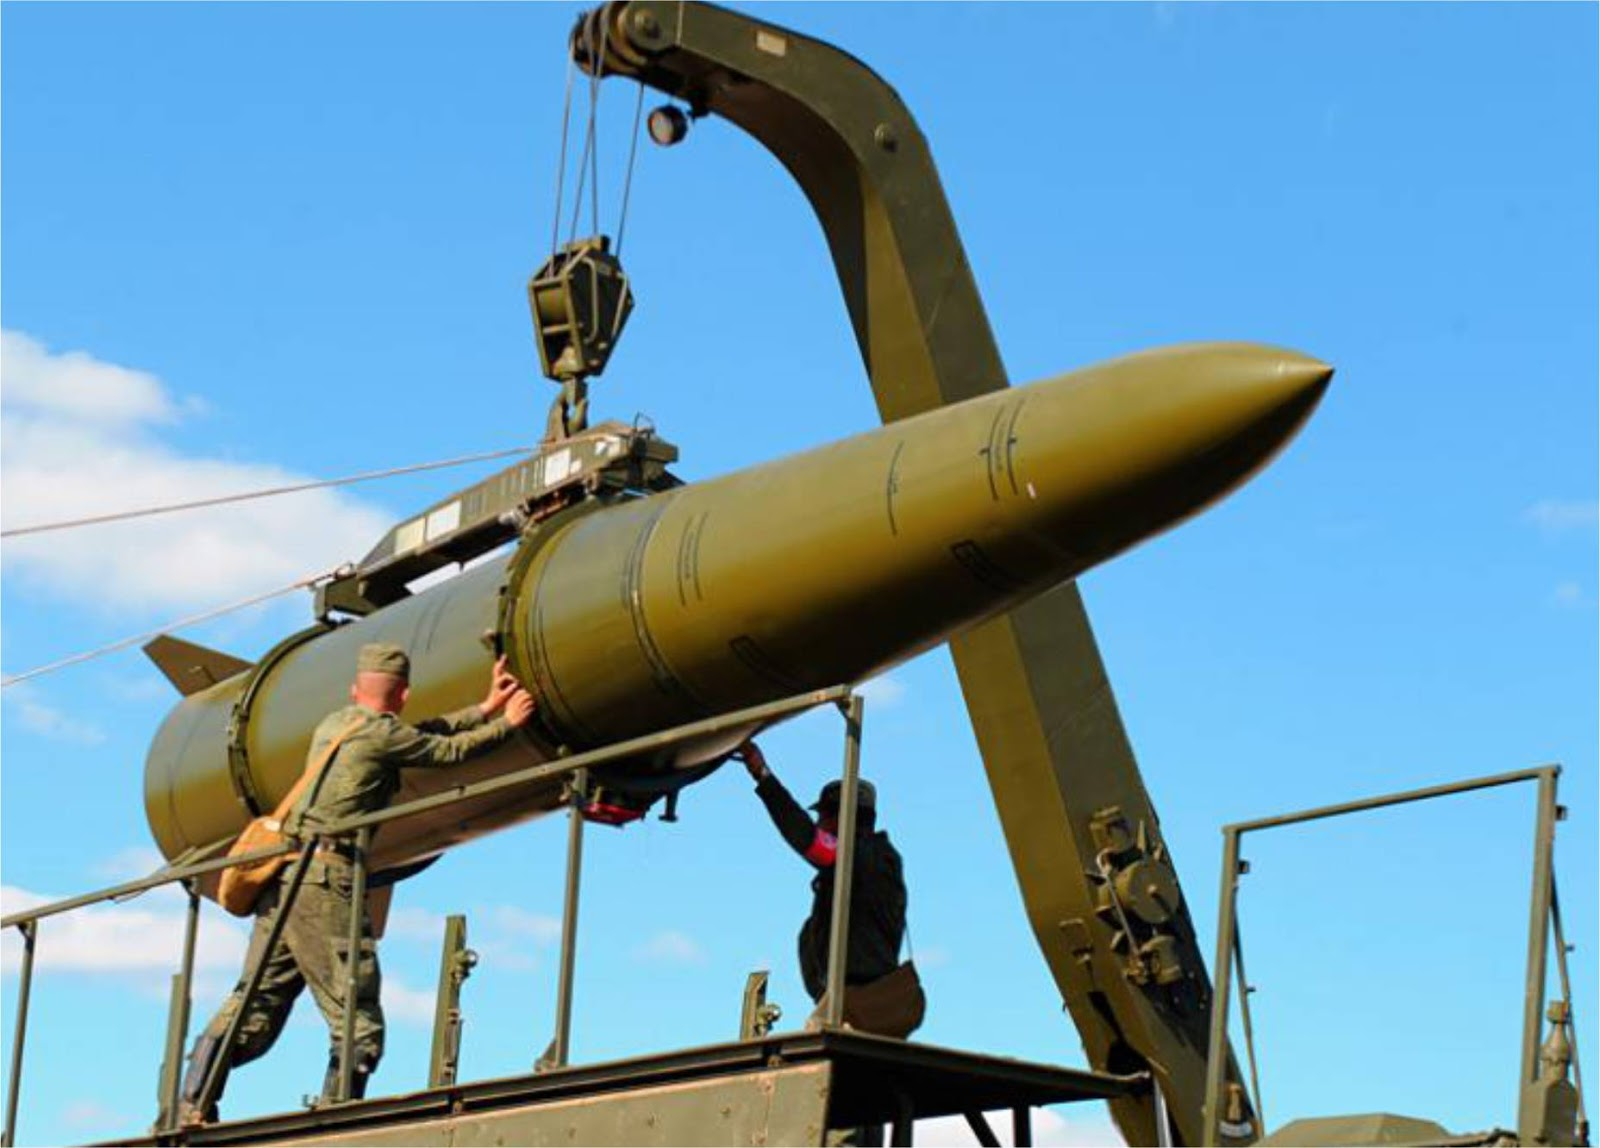 Kementerian Pertahanan Rusia Menguji Rudal Baru Untuk Menggantikan Komplek Iskander